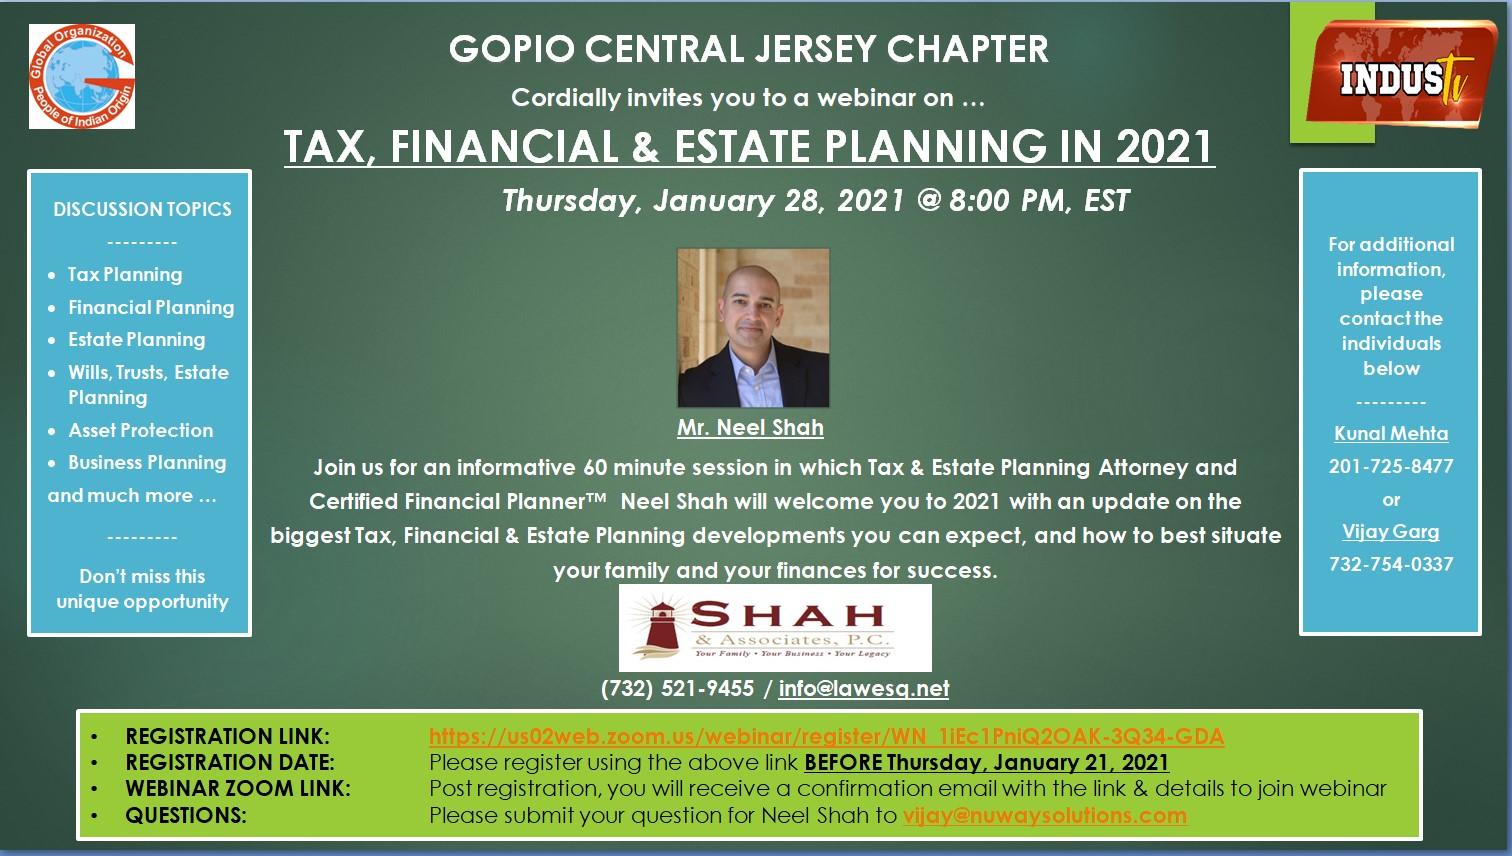 GOPIO – Tax, Financial & Estate Planning in 2021_012821